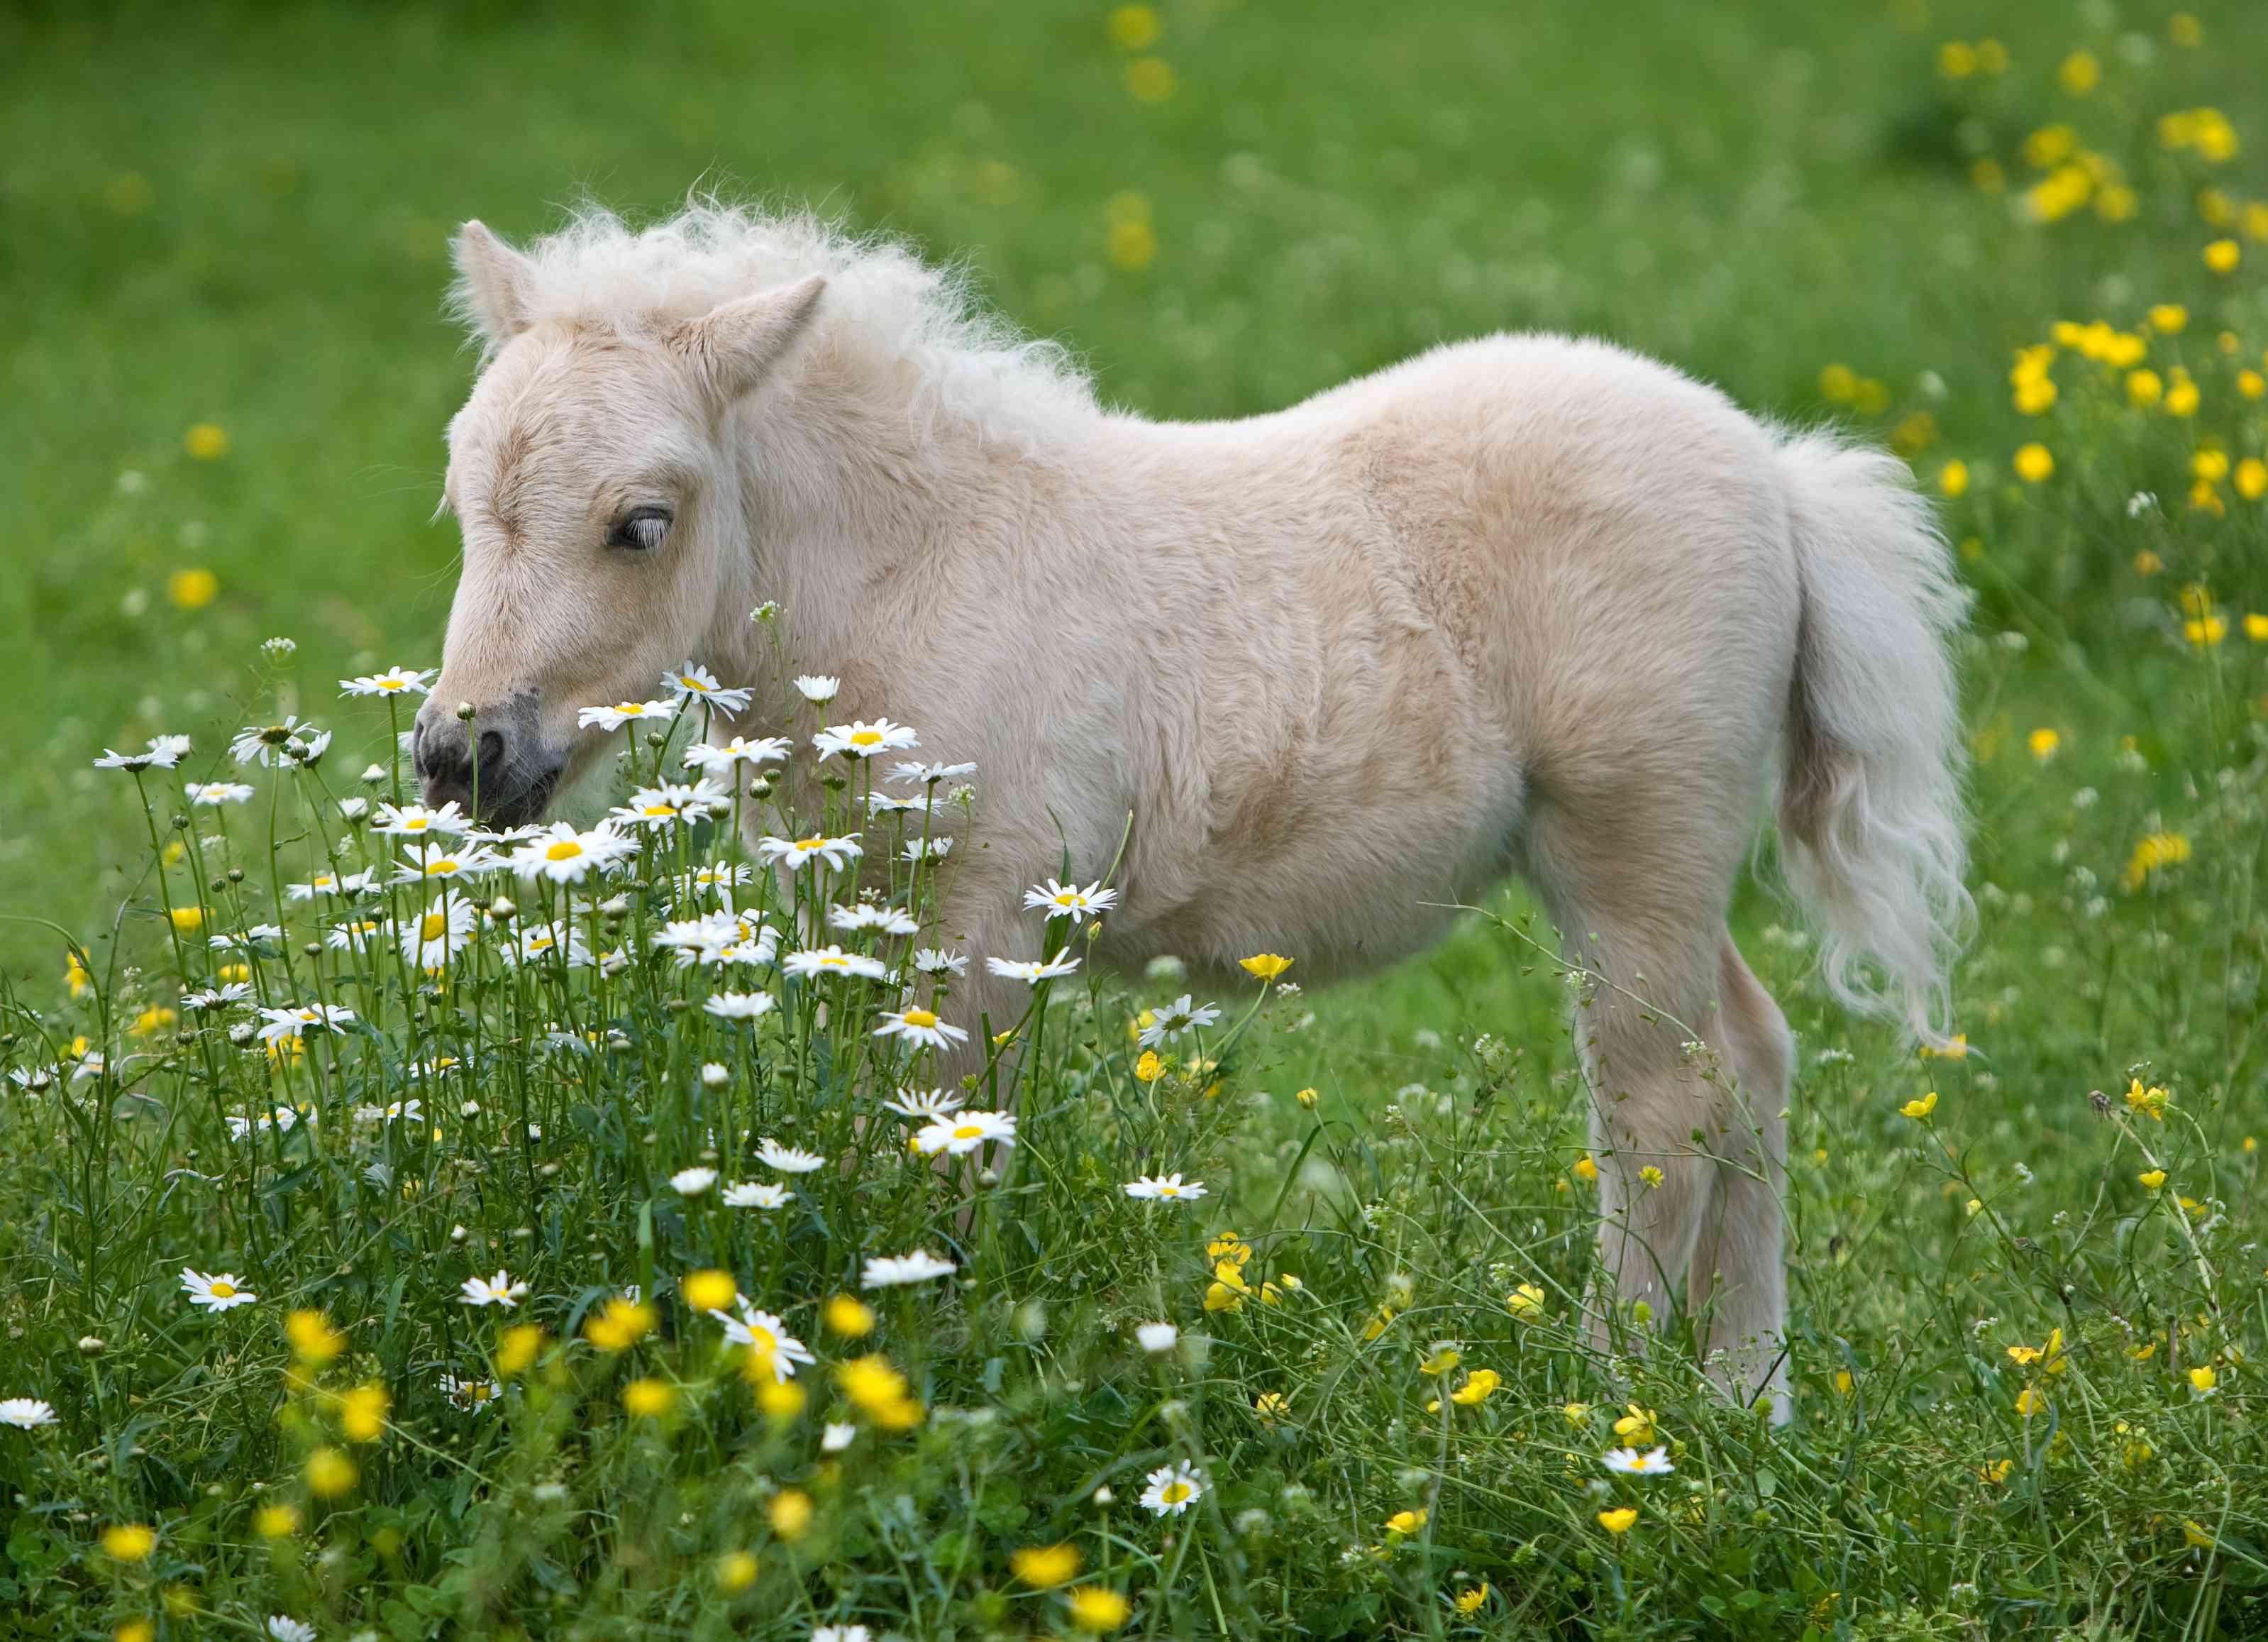 A falabella foal grazes in a flower-filled meadow